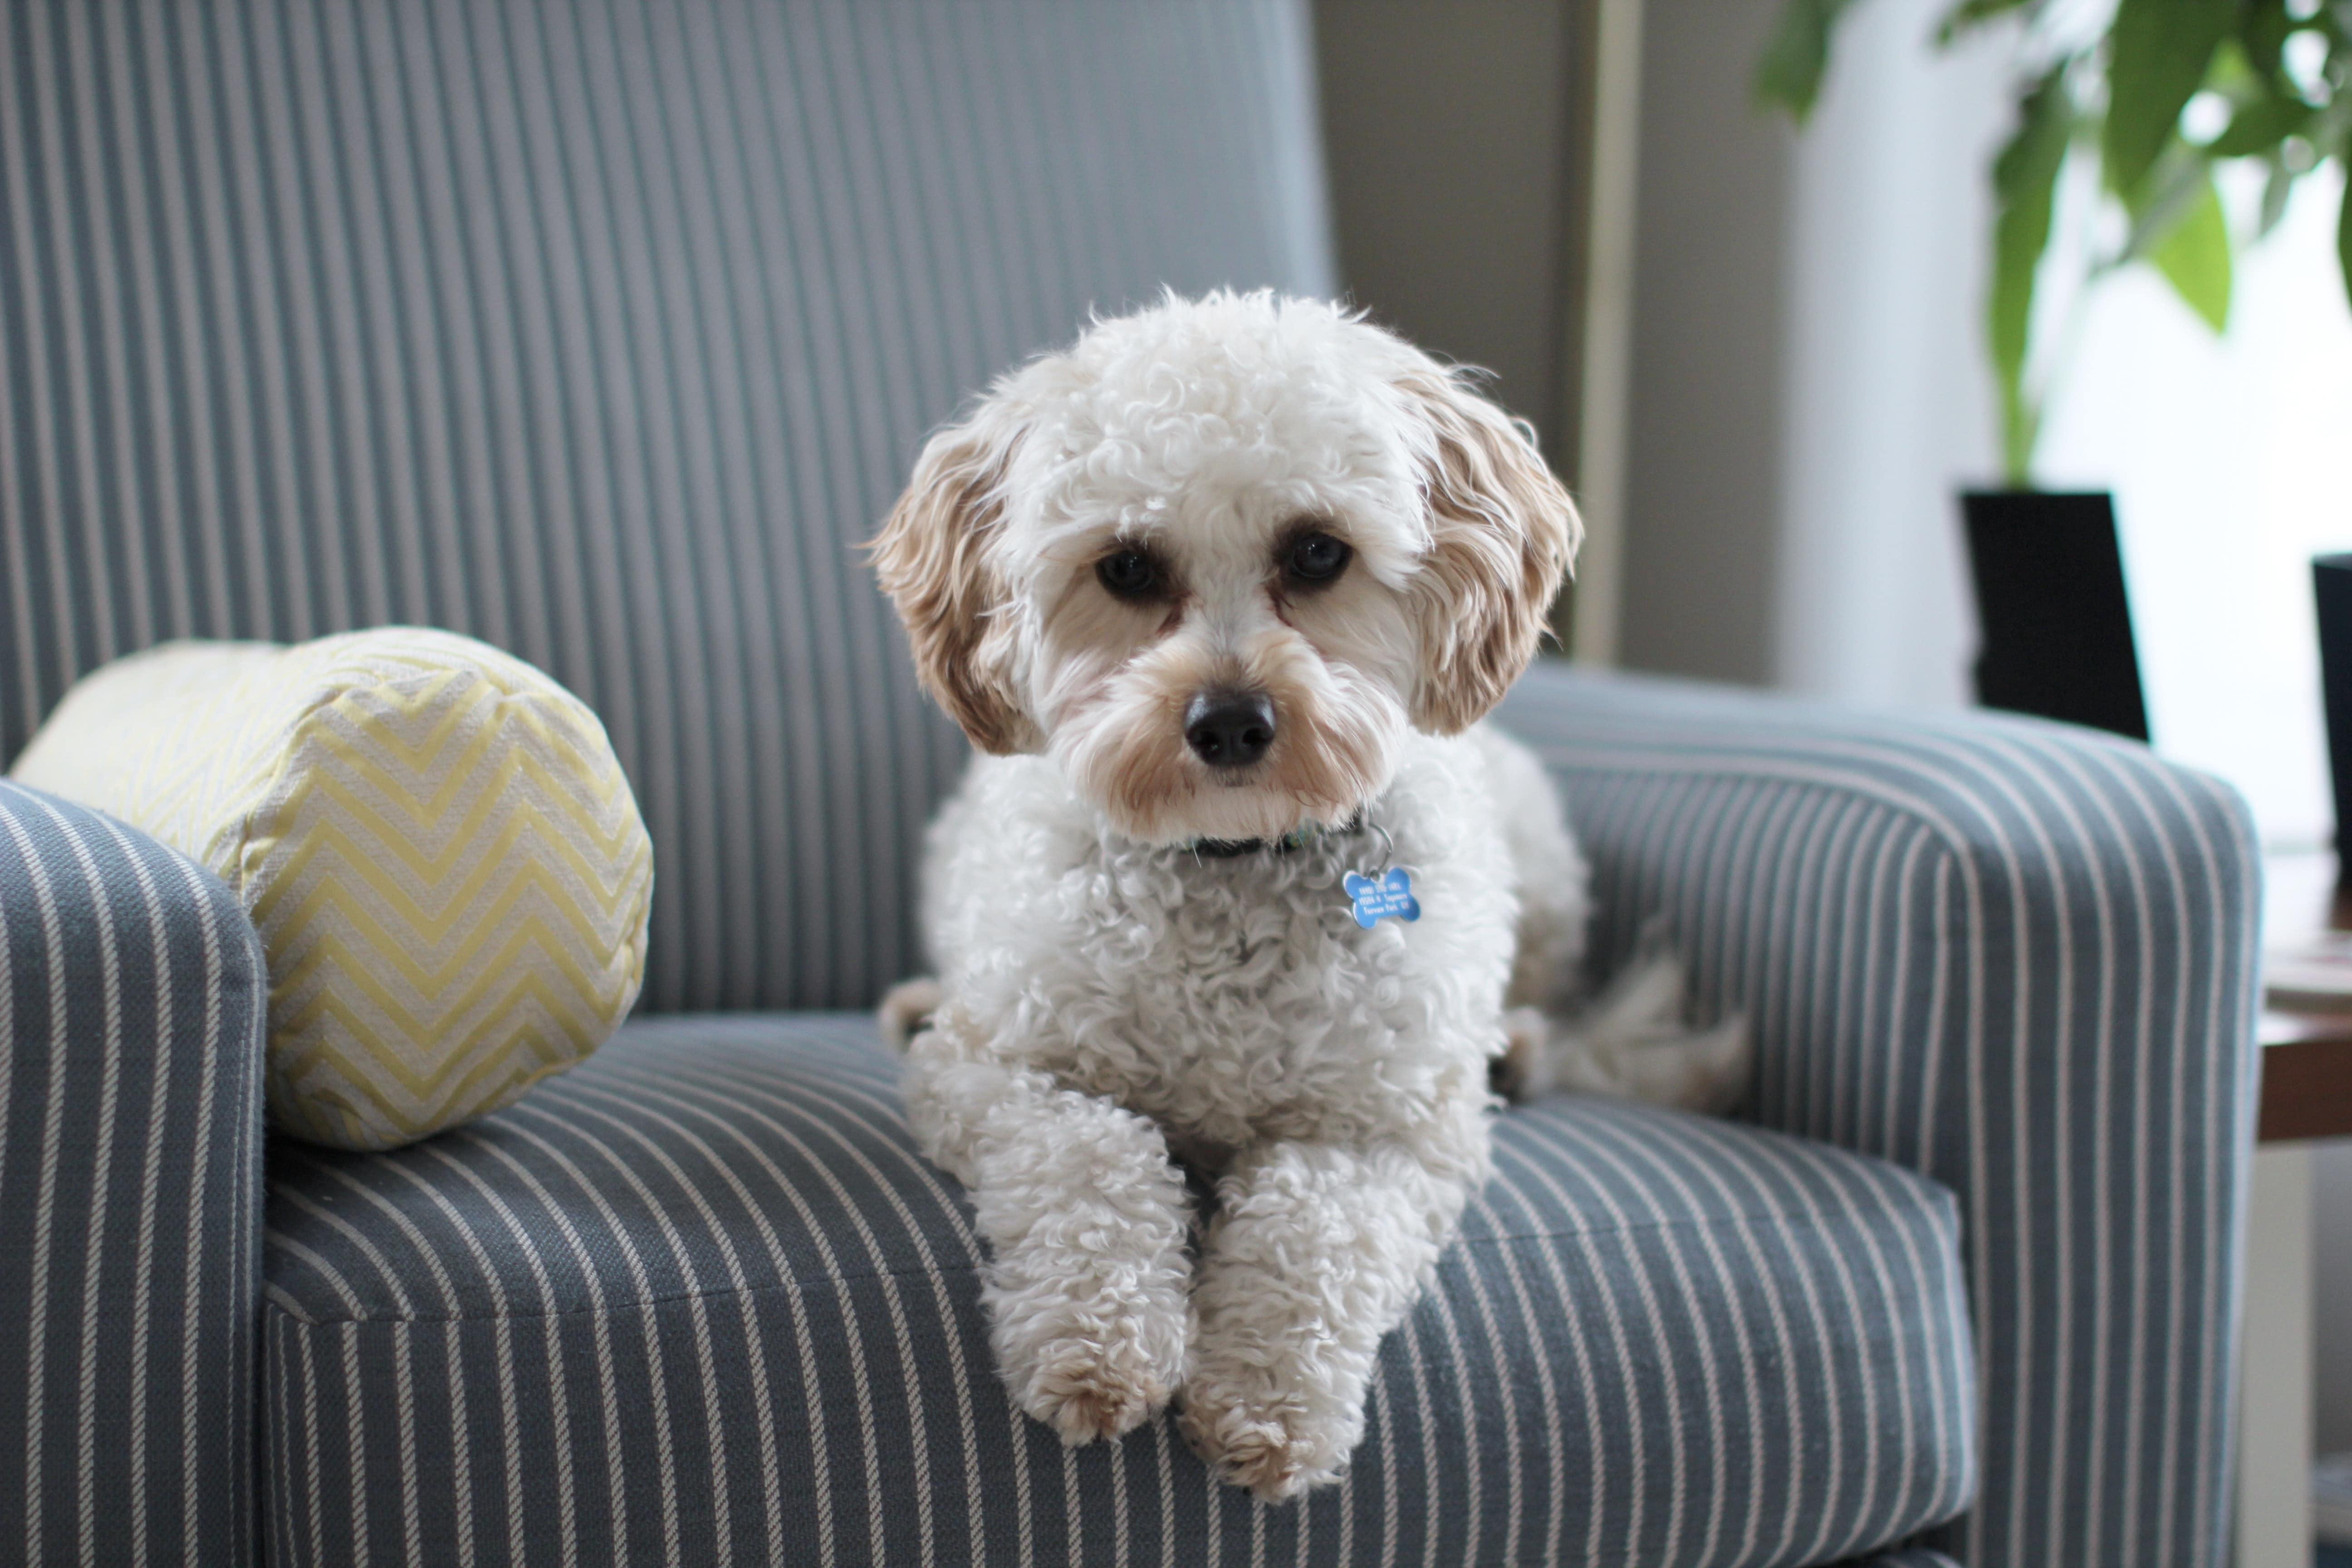 若飼主覺得狗狗不用外出,只要供在家裡吃好睡好,可能會造成小型犬行為問題與精神疾病。